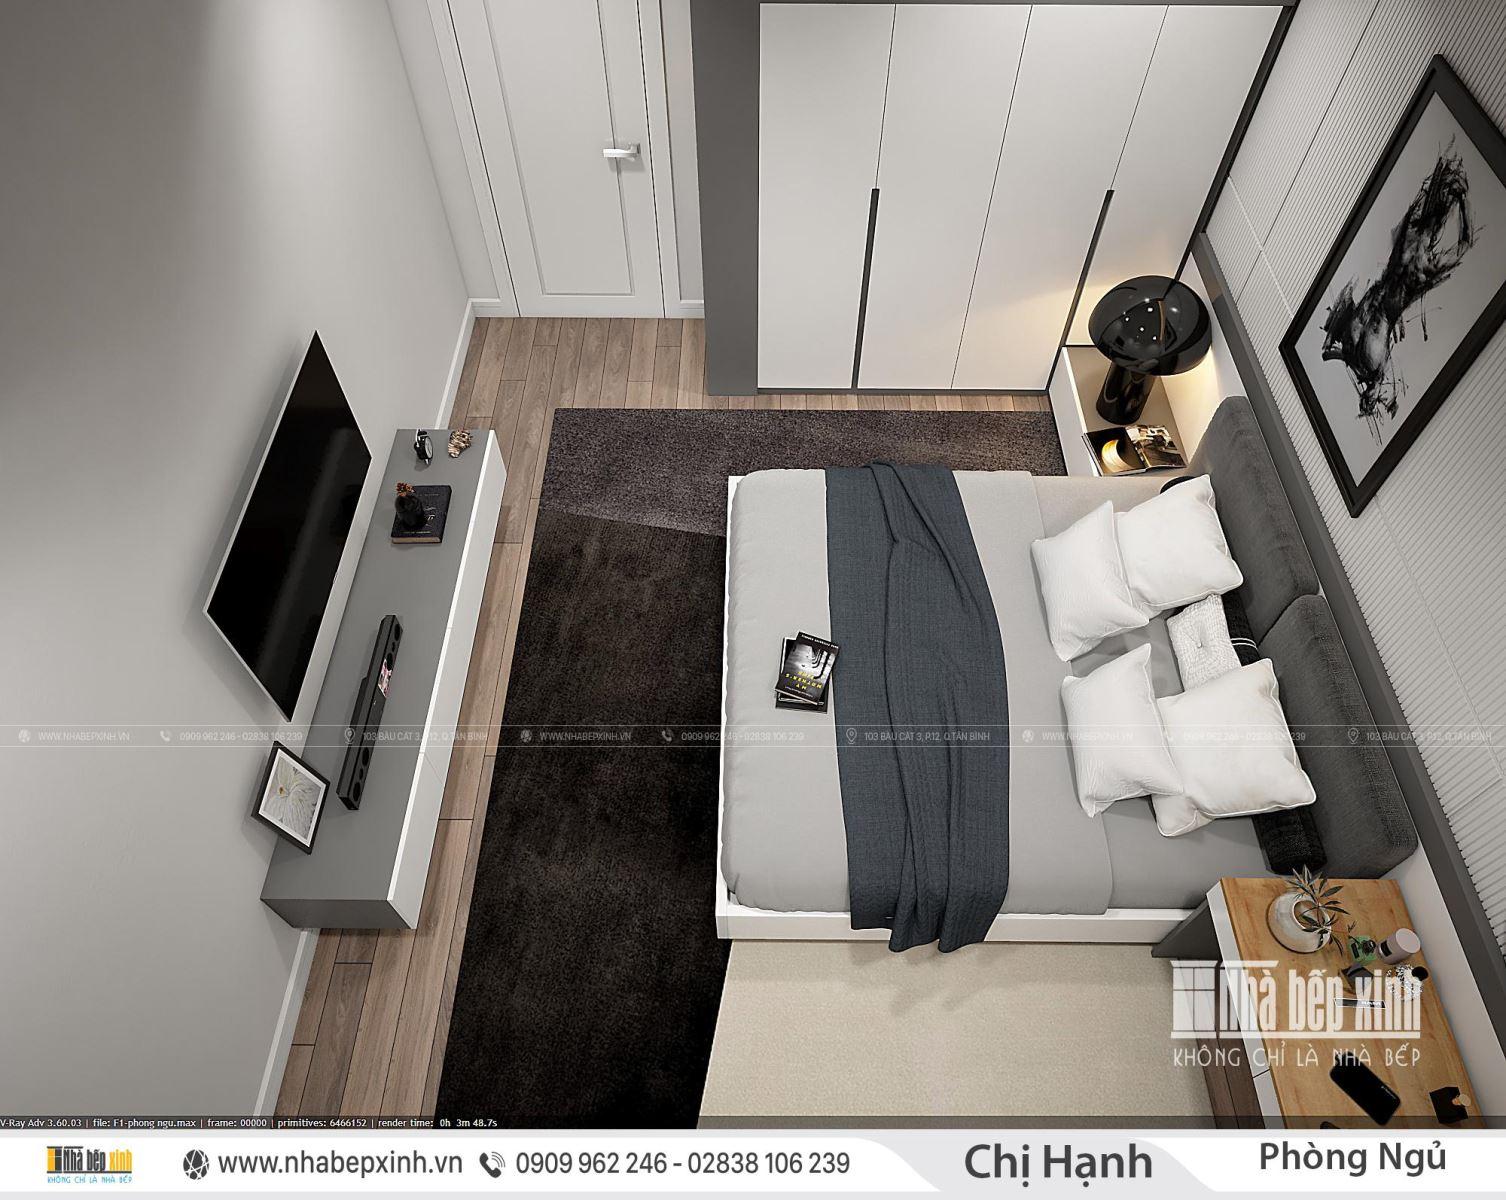 Thiết kế nội thất nguyên căn - Không gian sống lý tưởng